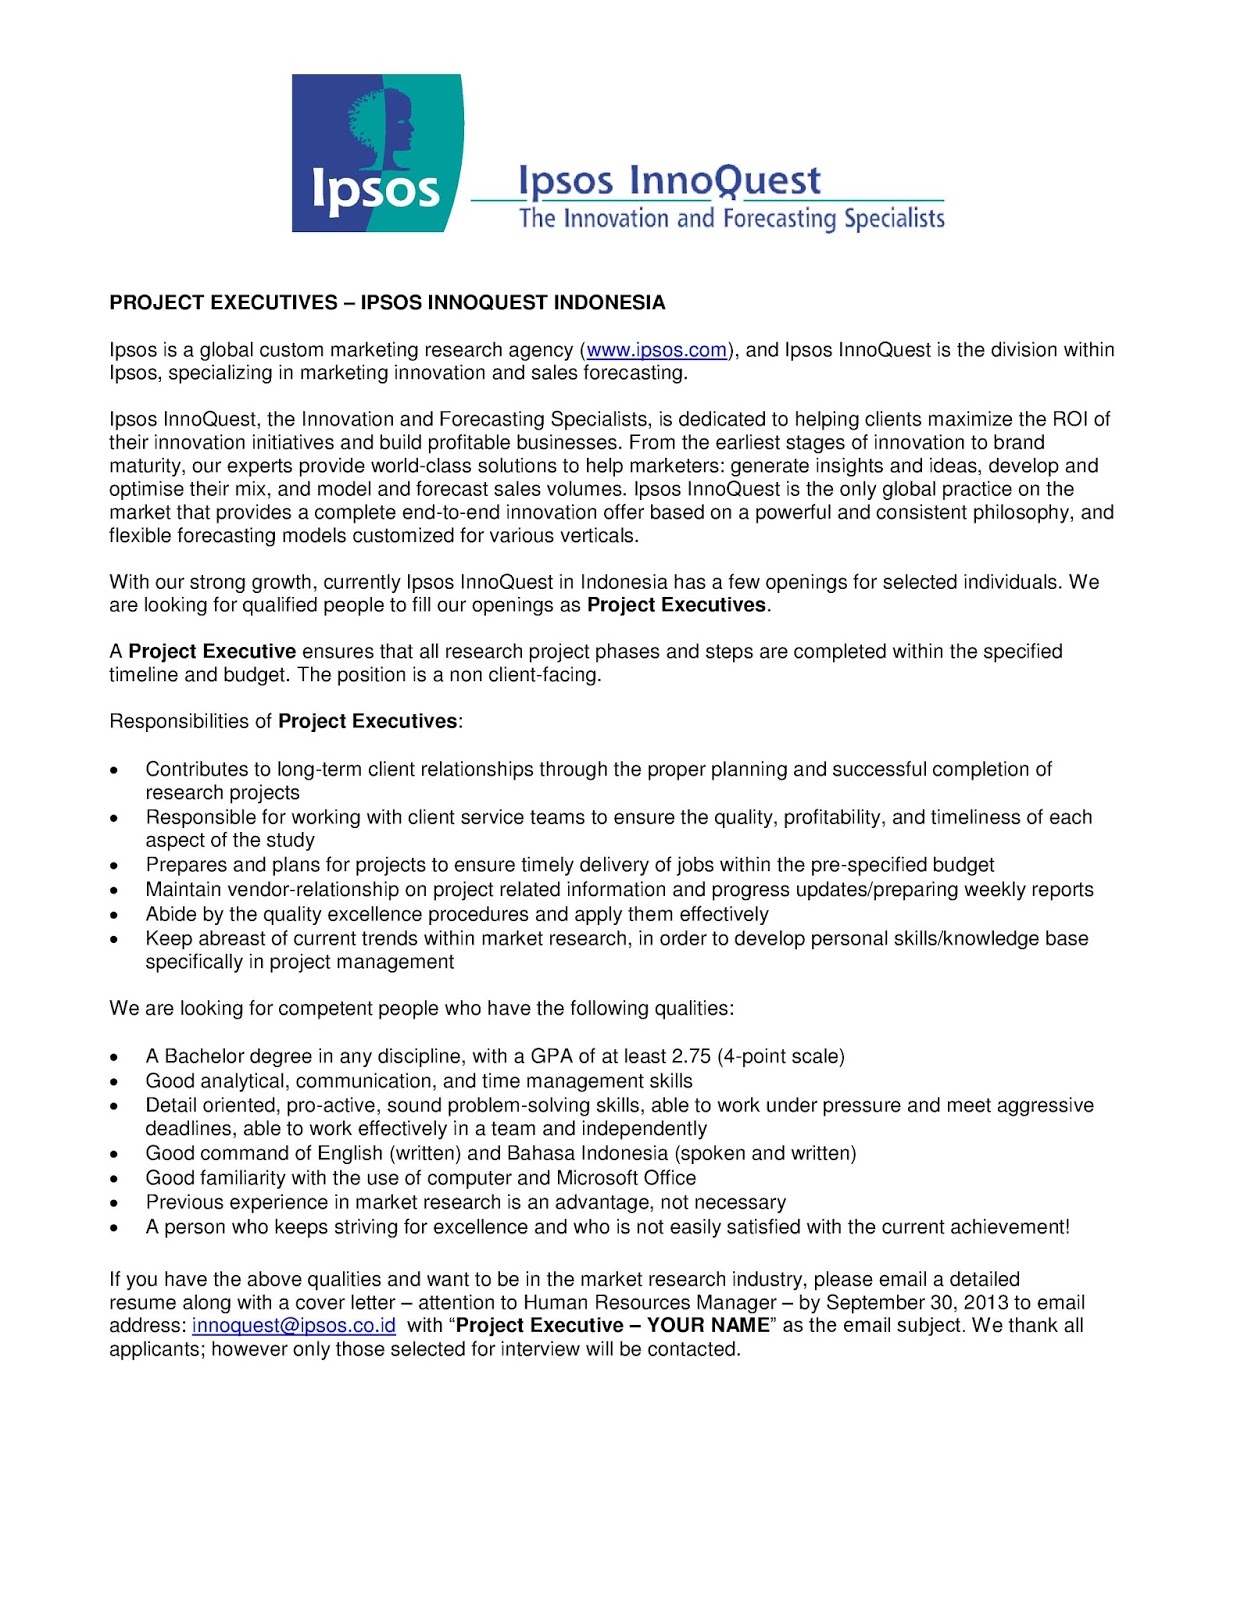 Project Executives - Ipsos InnoQuest Indonesia | InnoQuest